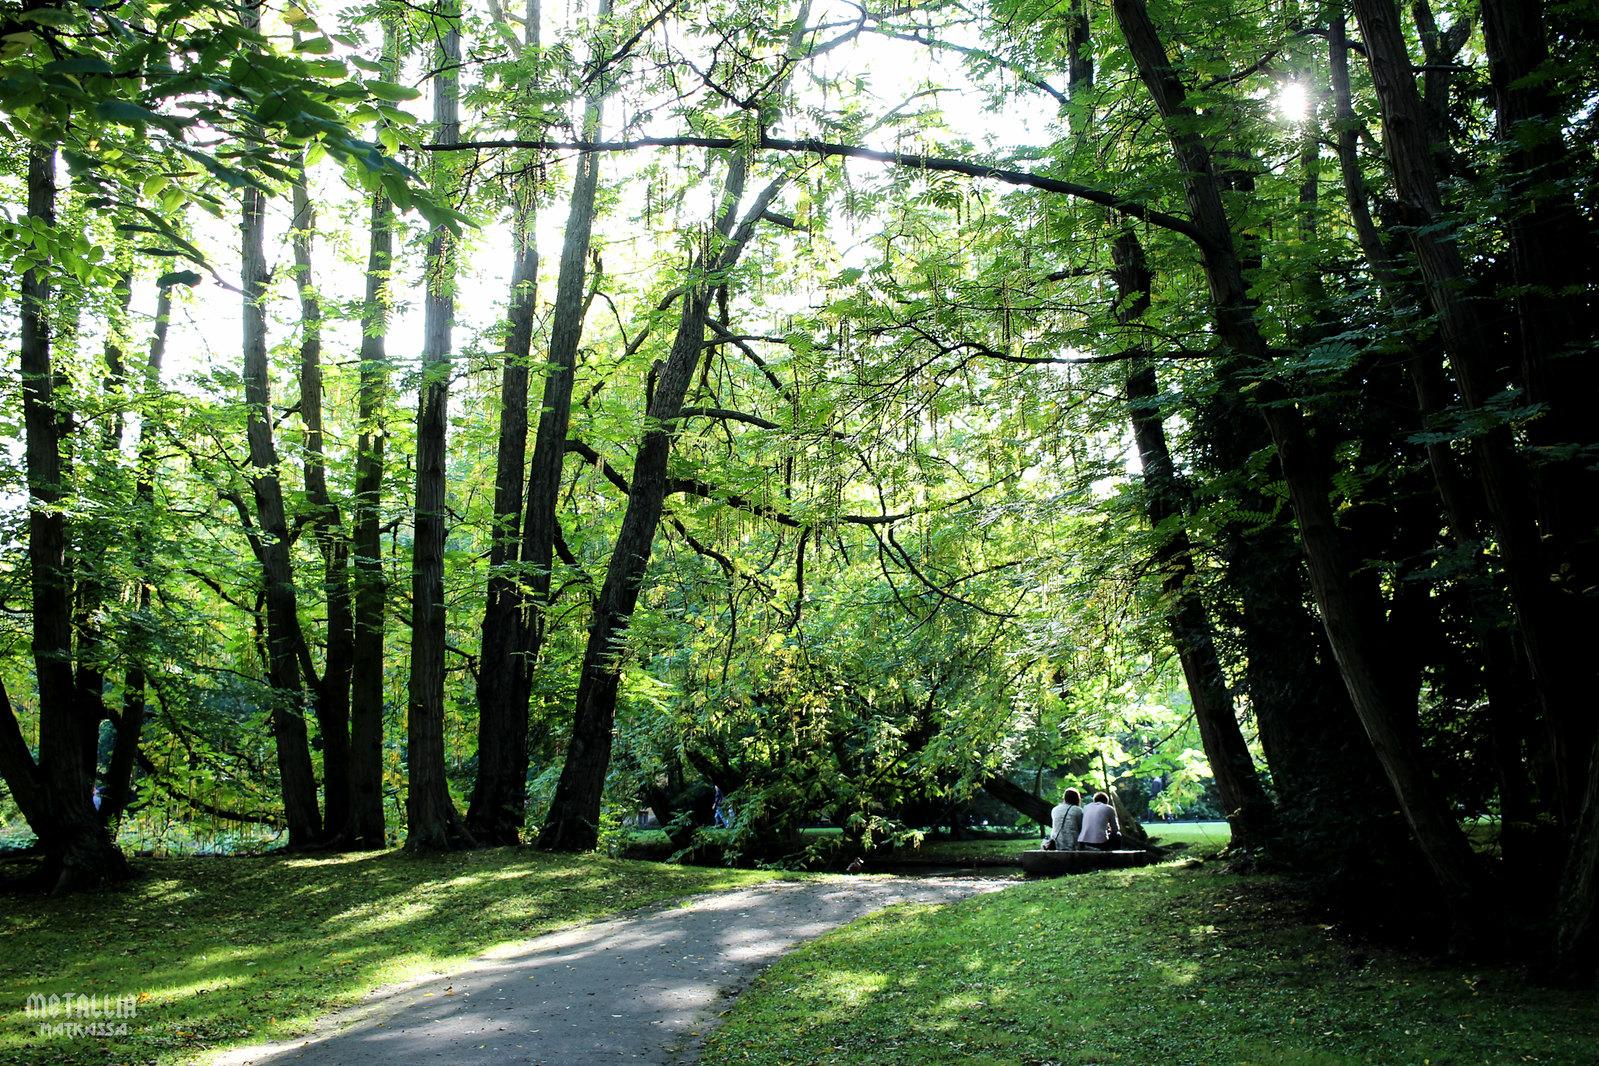 park oliwa, gdansk oliwa, gdanskin nähtävyydet, sightseeing in gdansk, park oliwski